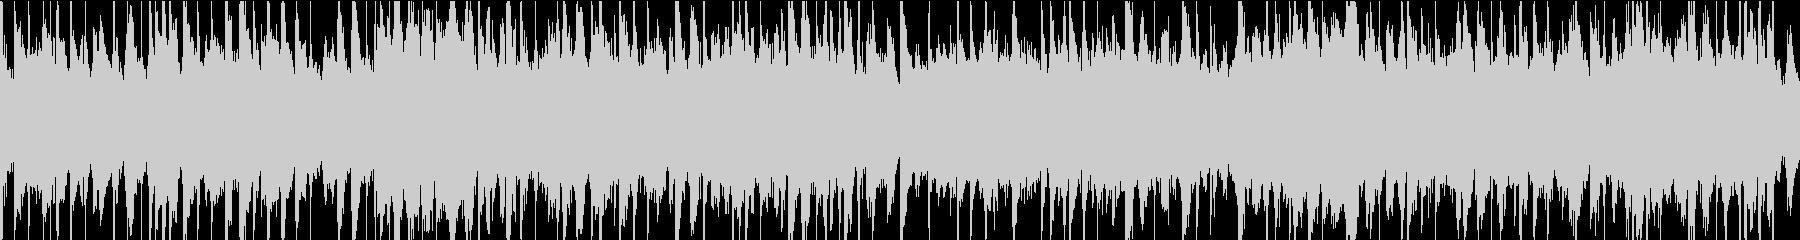 柔らかな弦、ピアノ、クリーンなエレ...の未再生の波形